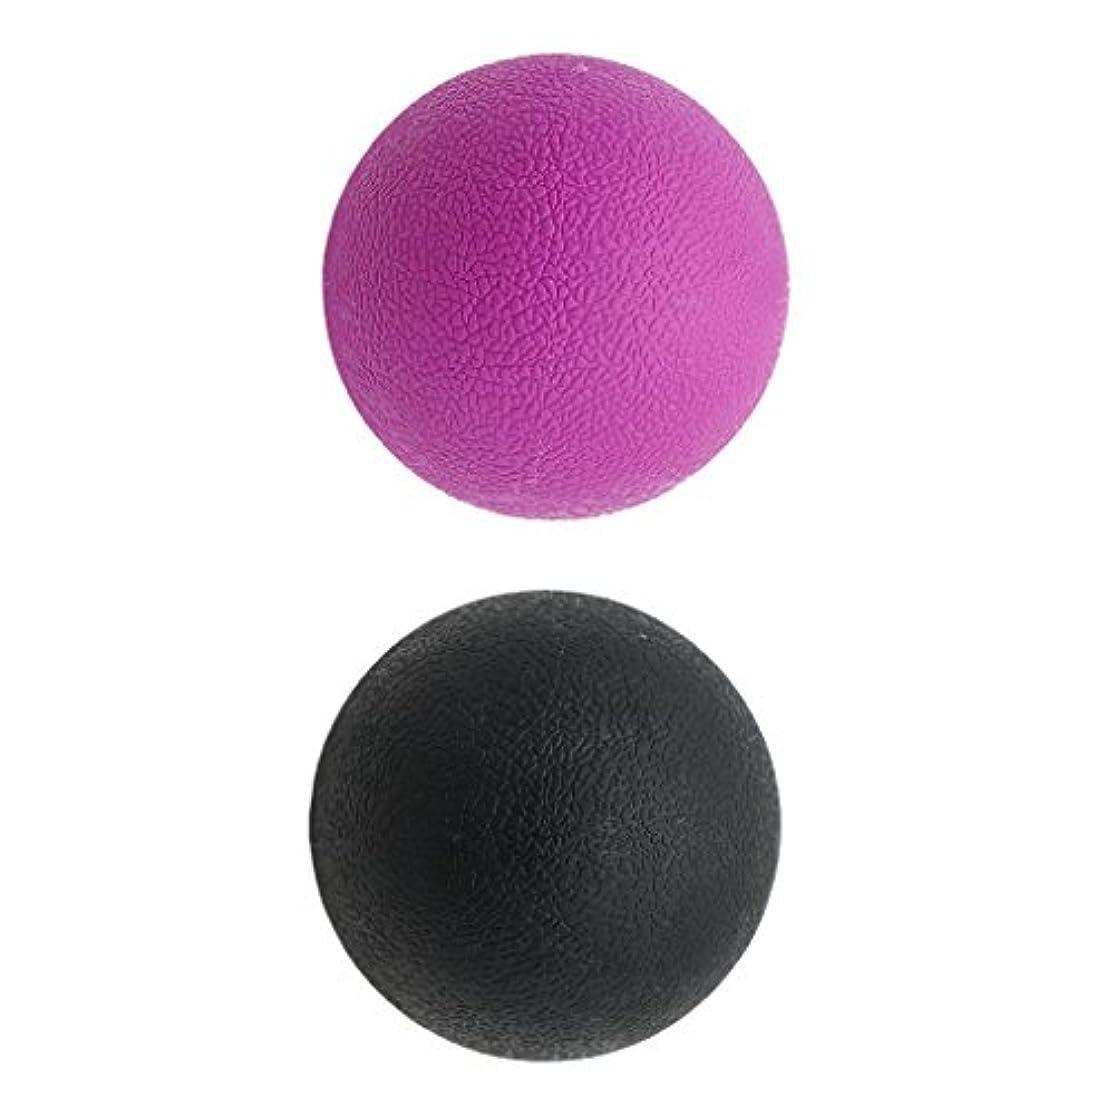 サイズ非公式禁輸Kesoto 2個 マッサージボール ラクロスボール 背部 トリガ ポイント マッサージ 多色選べる - ブラックパープル